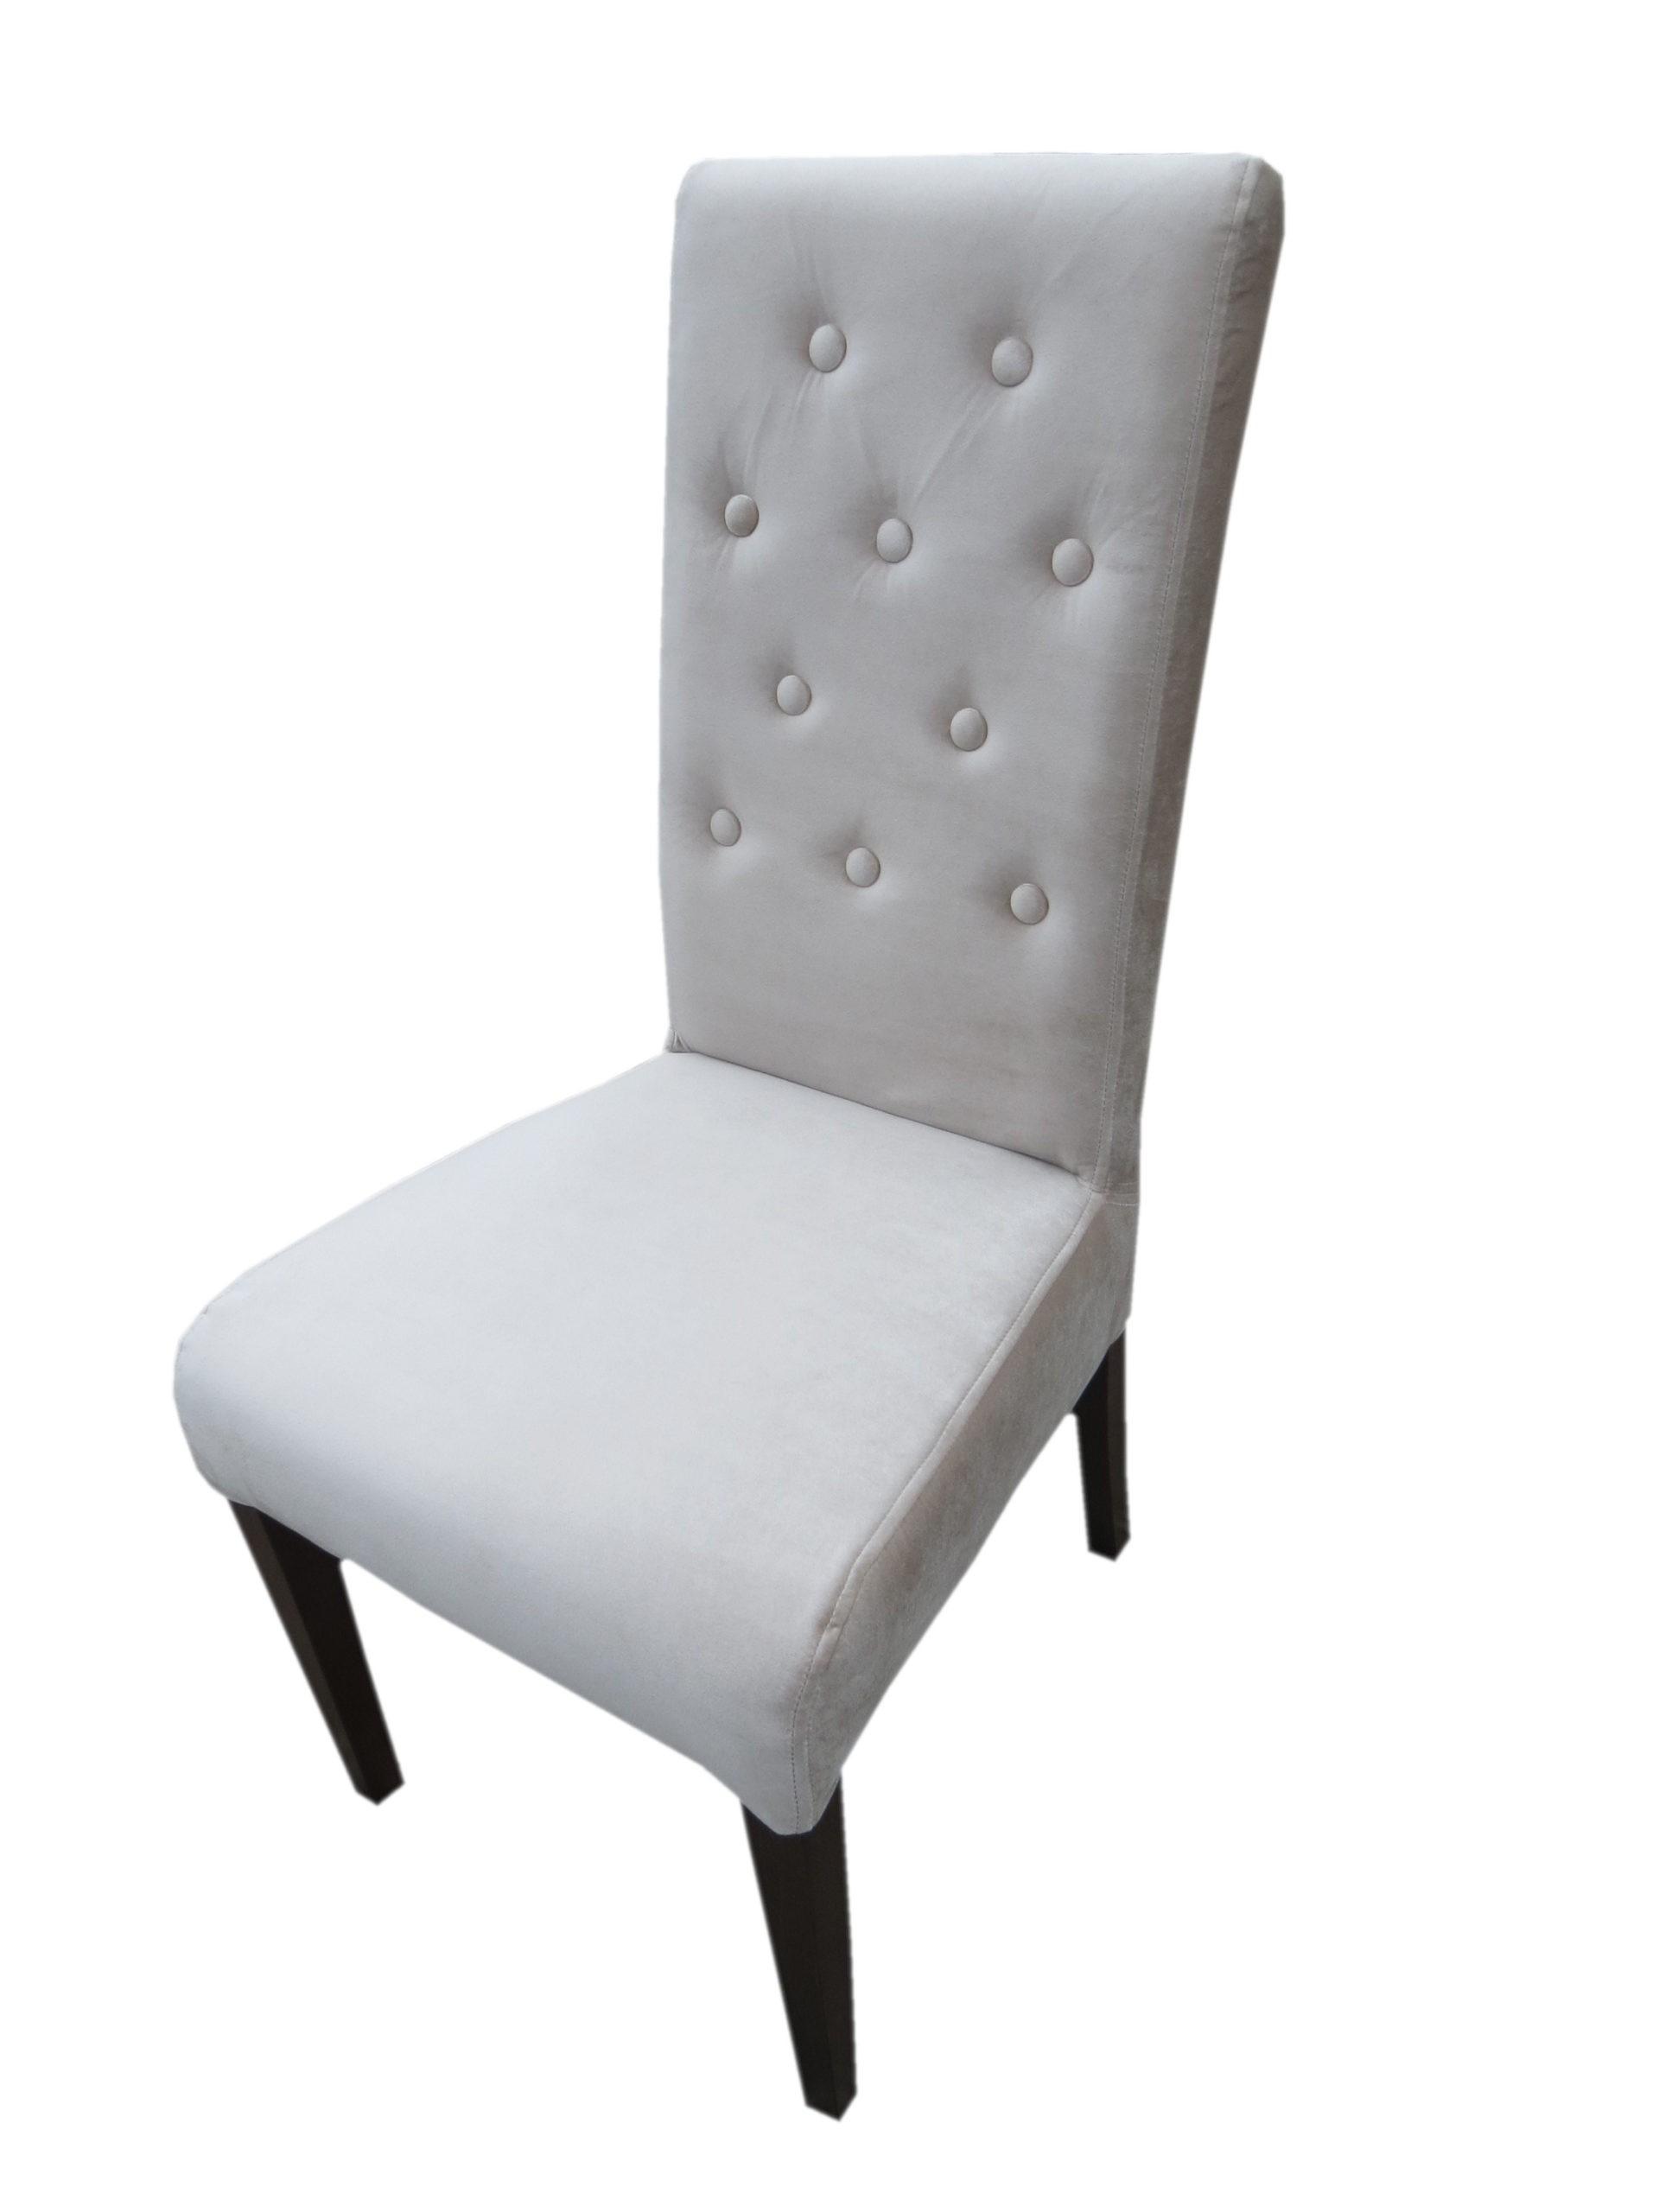 Krzesło tapicerowane MR 107 pikowane z guzikami